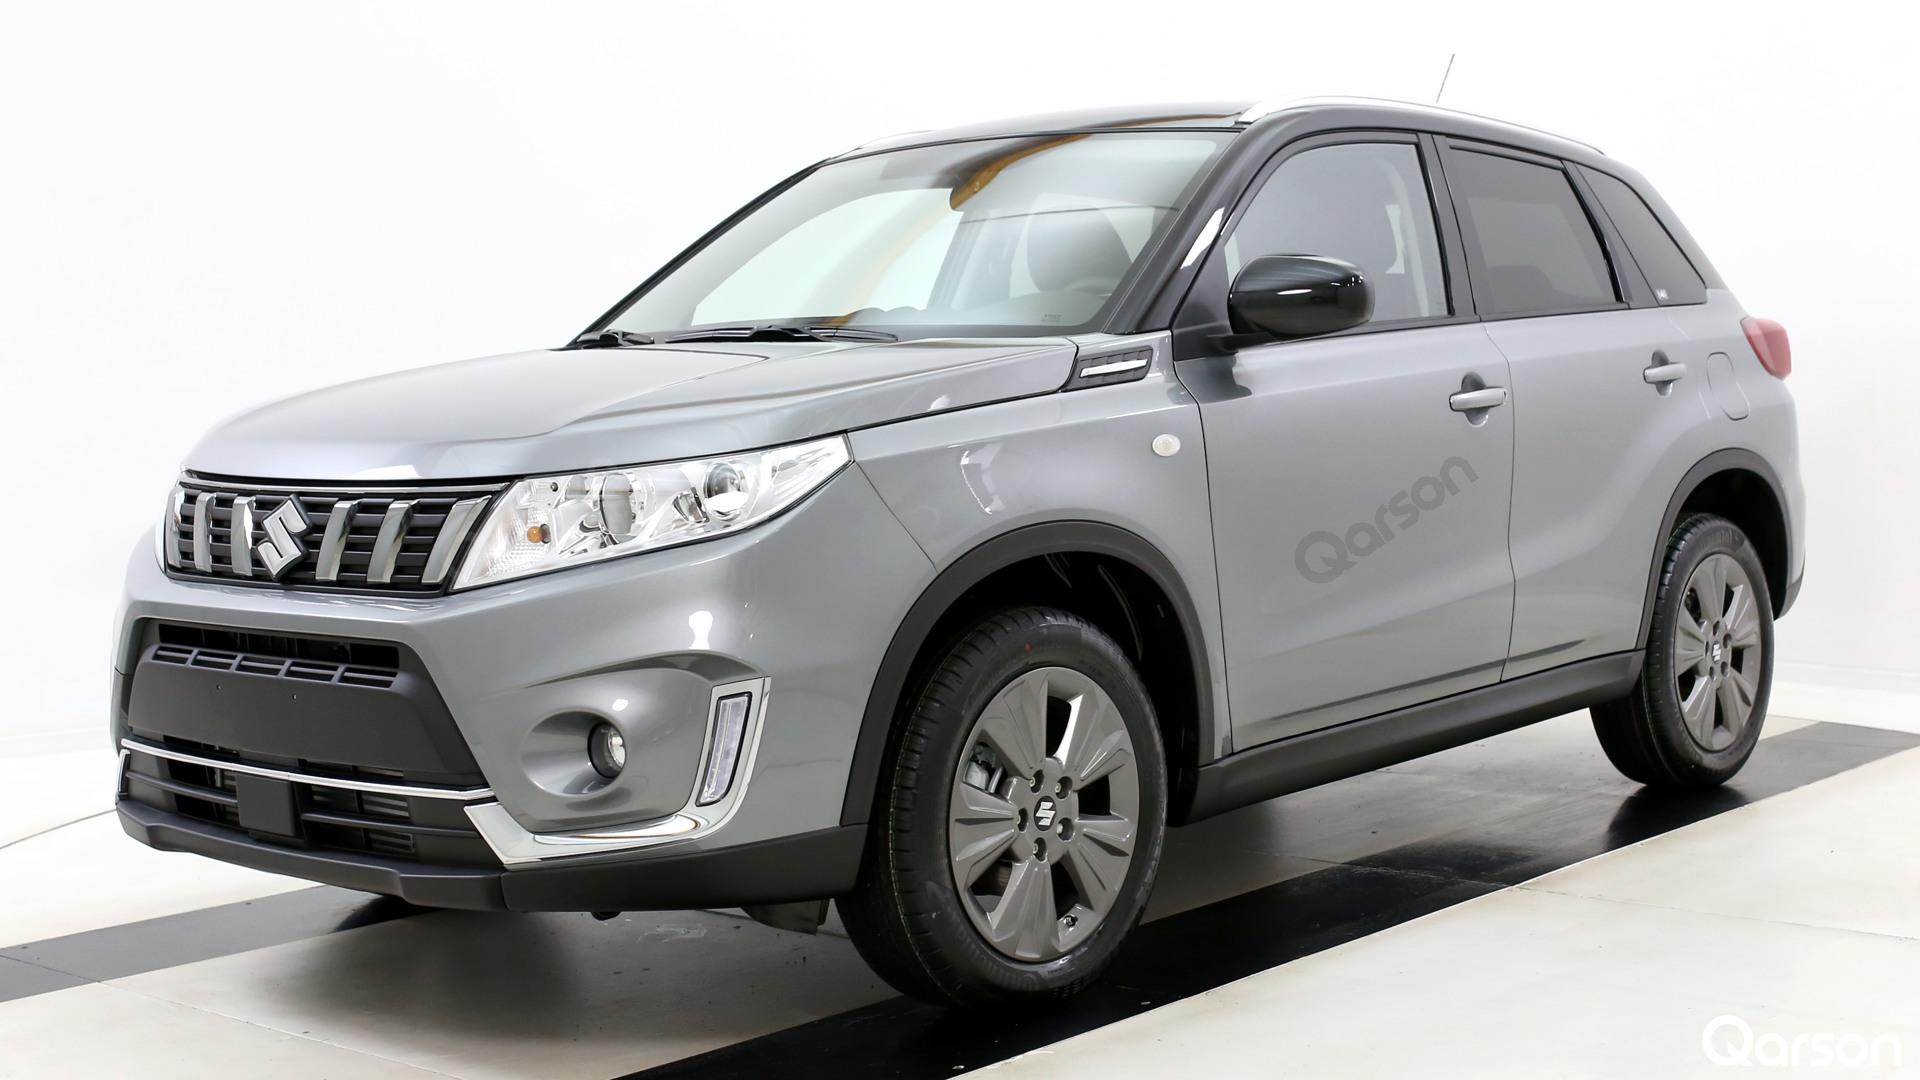 Suzuki Vitara Facelift Widok auta z przodu z lewej strony pod kątem 60 stopni